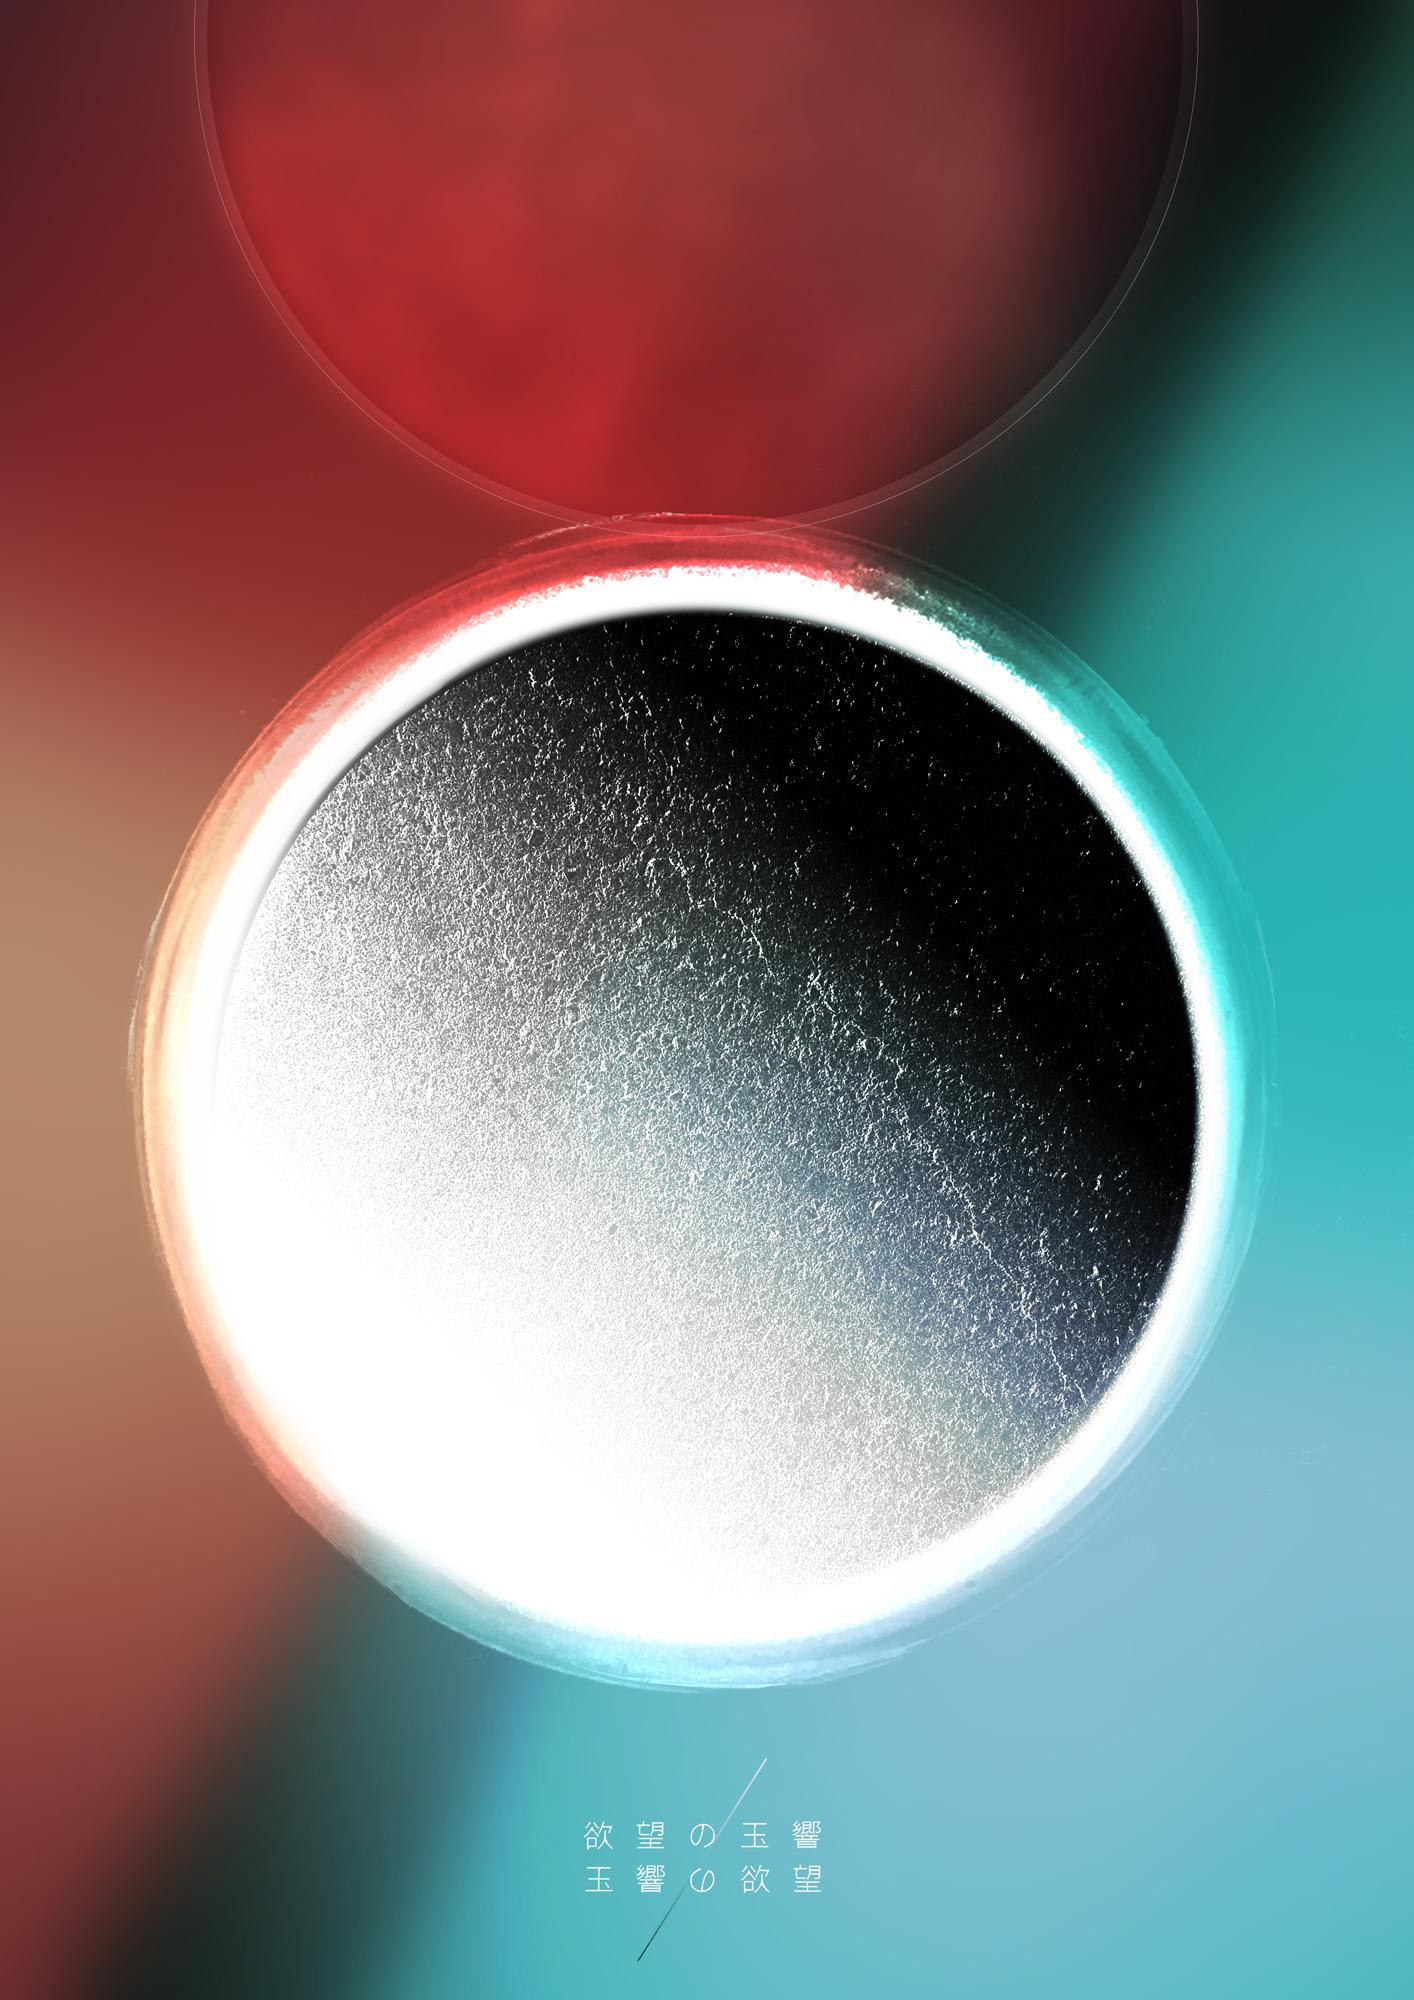 ゲンロンカオス*ラウンジ新芸術校 第5期生展覧会グループD『欲望の玉響 / 玉響の欲望』